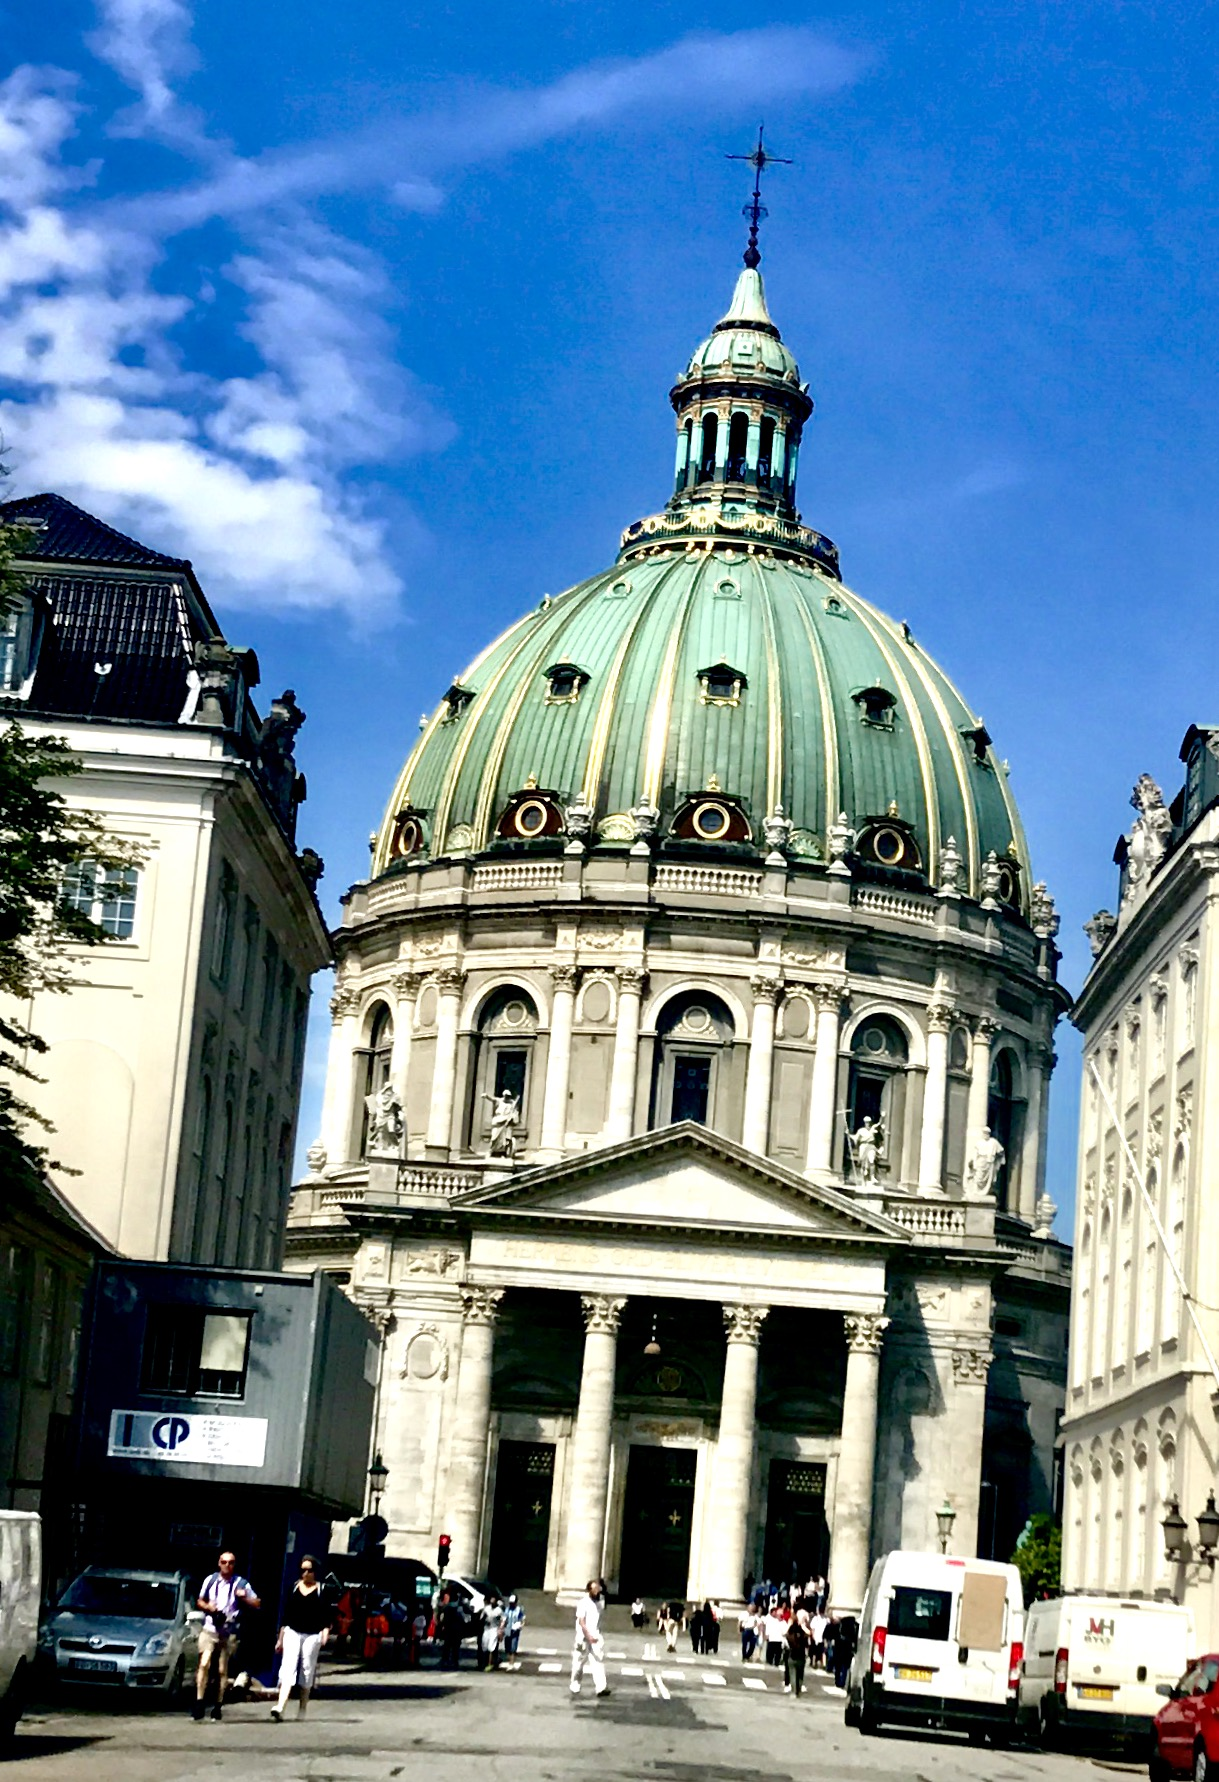 Den vakre Marmorkirken, inspirert av Peterskirken i Roma.